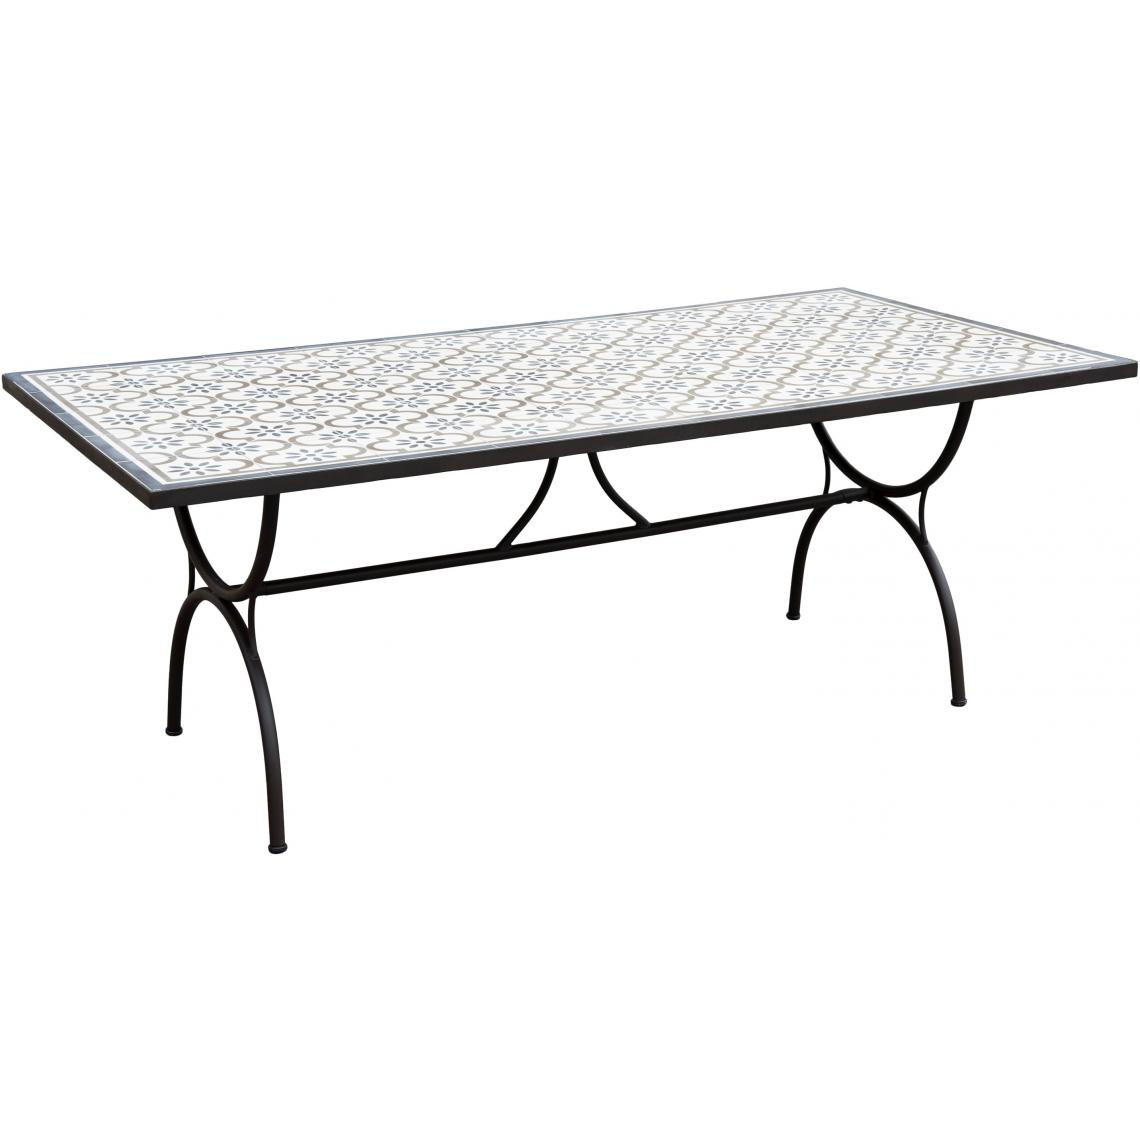 Salon De Jardin Carreau De Ciment table rectangulaire plateau carreaux de ciment 203x102cm - pieds métal plus  d'infos